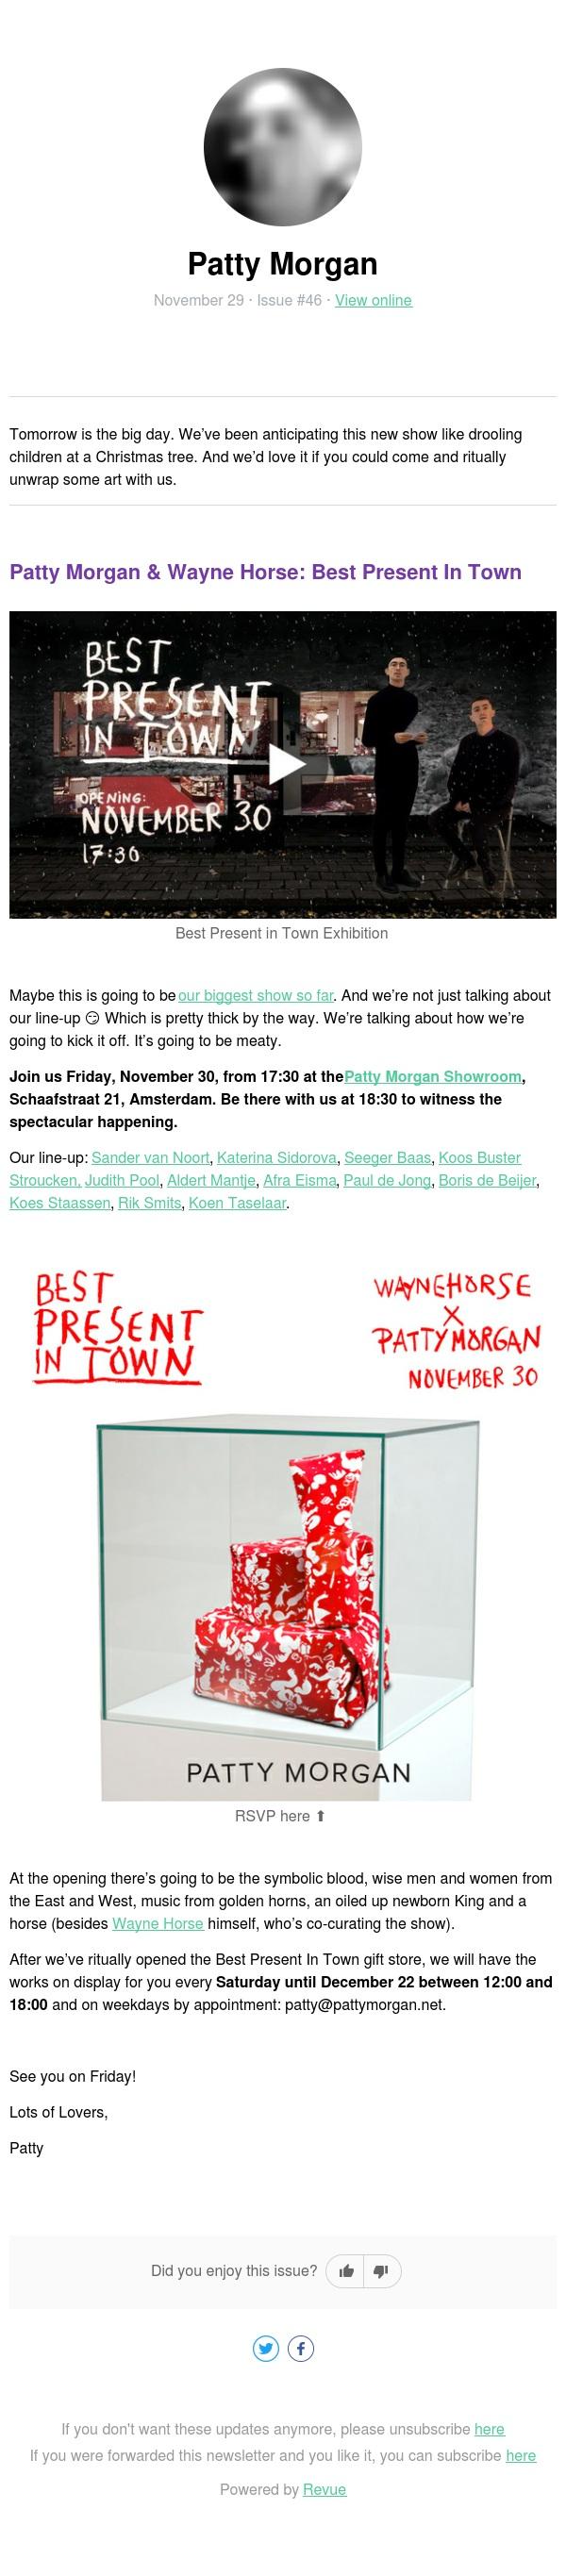 Official invite, come unwrap it